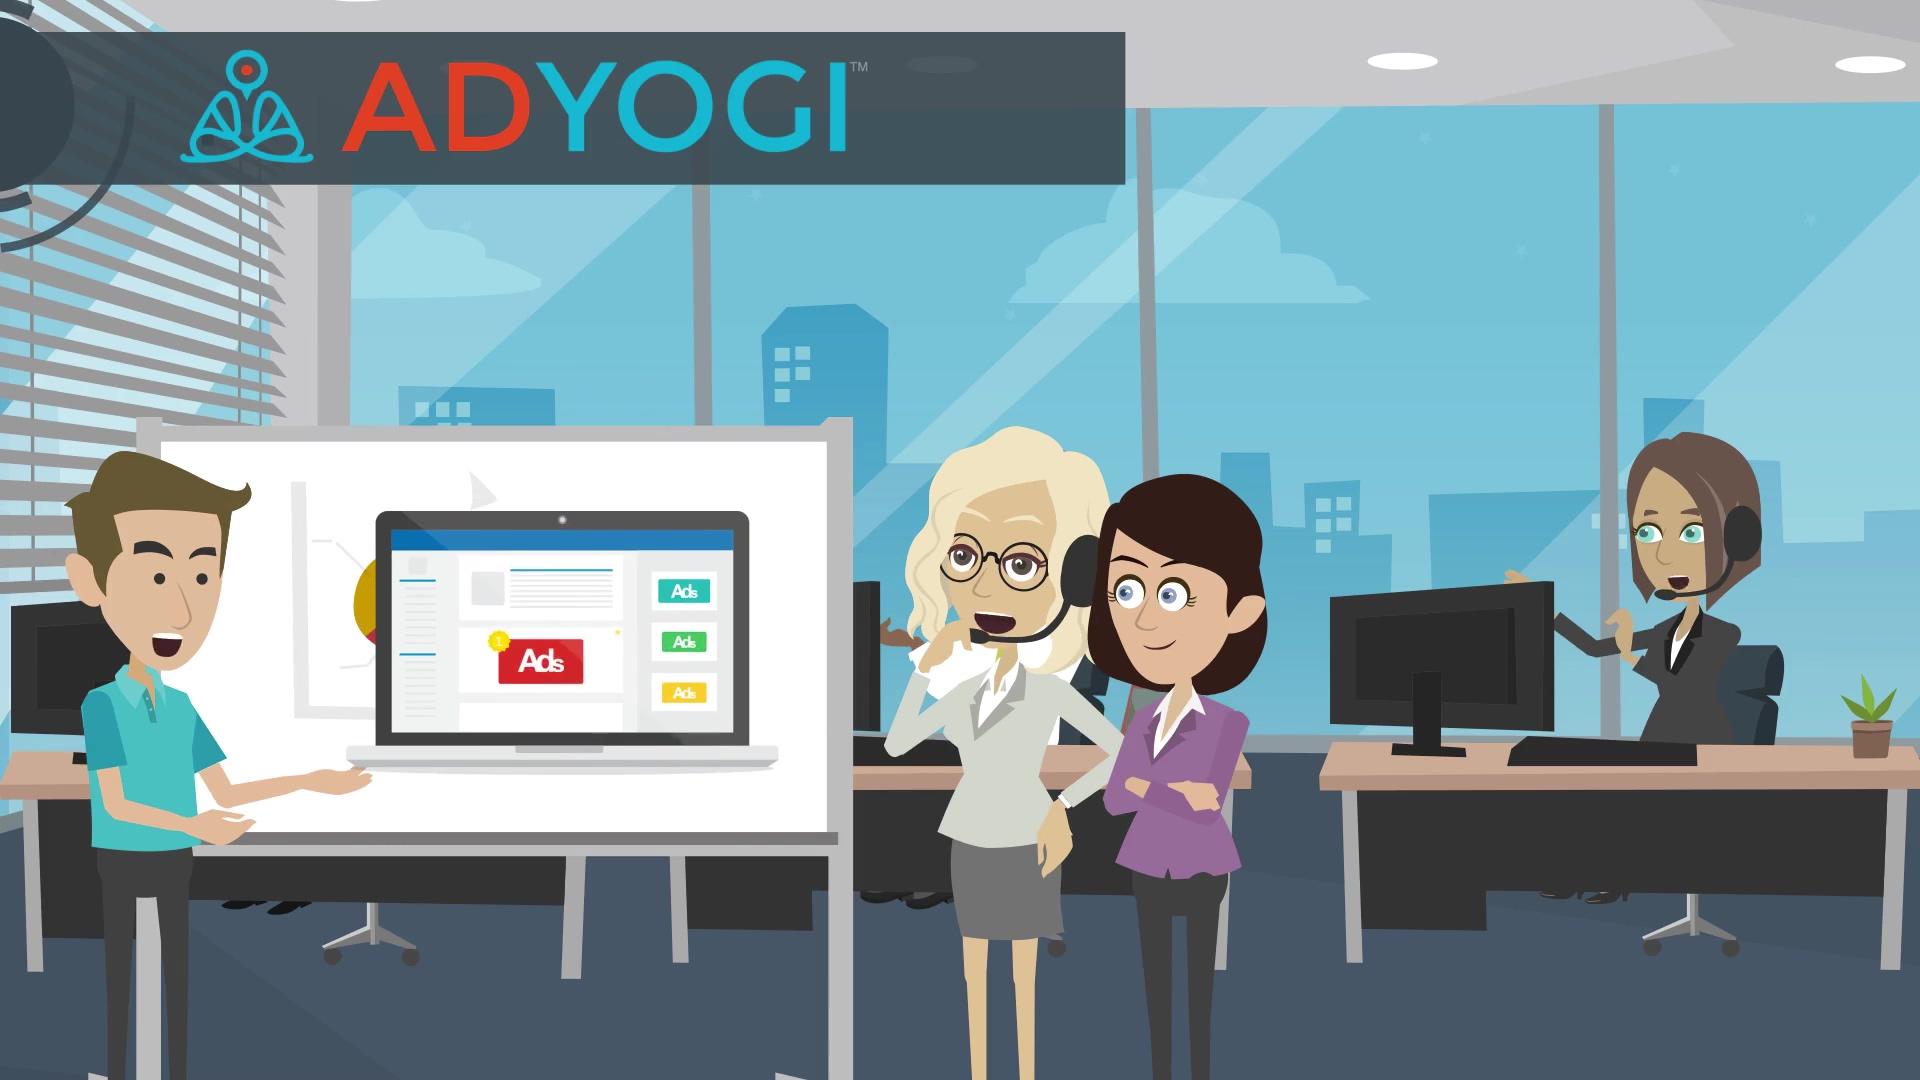 Adyogi_ecommerce_marketing_automation_explanatory video